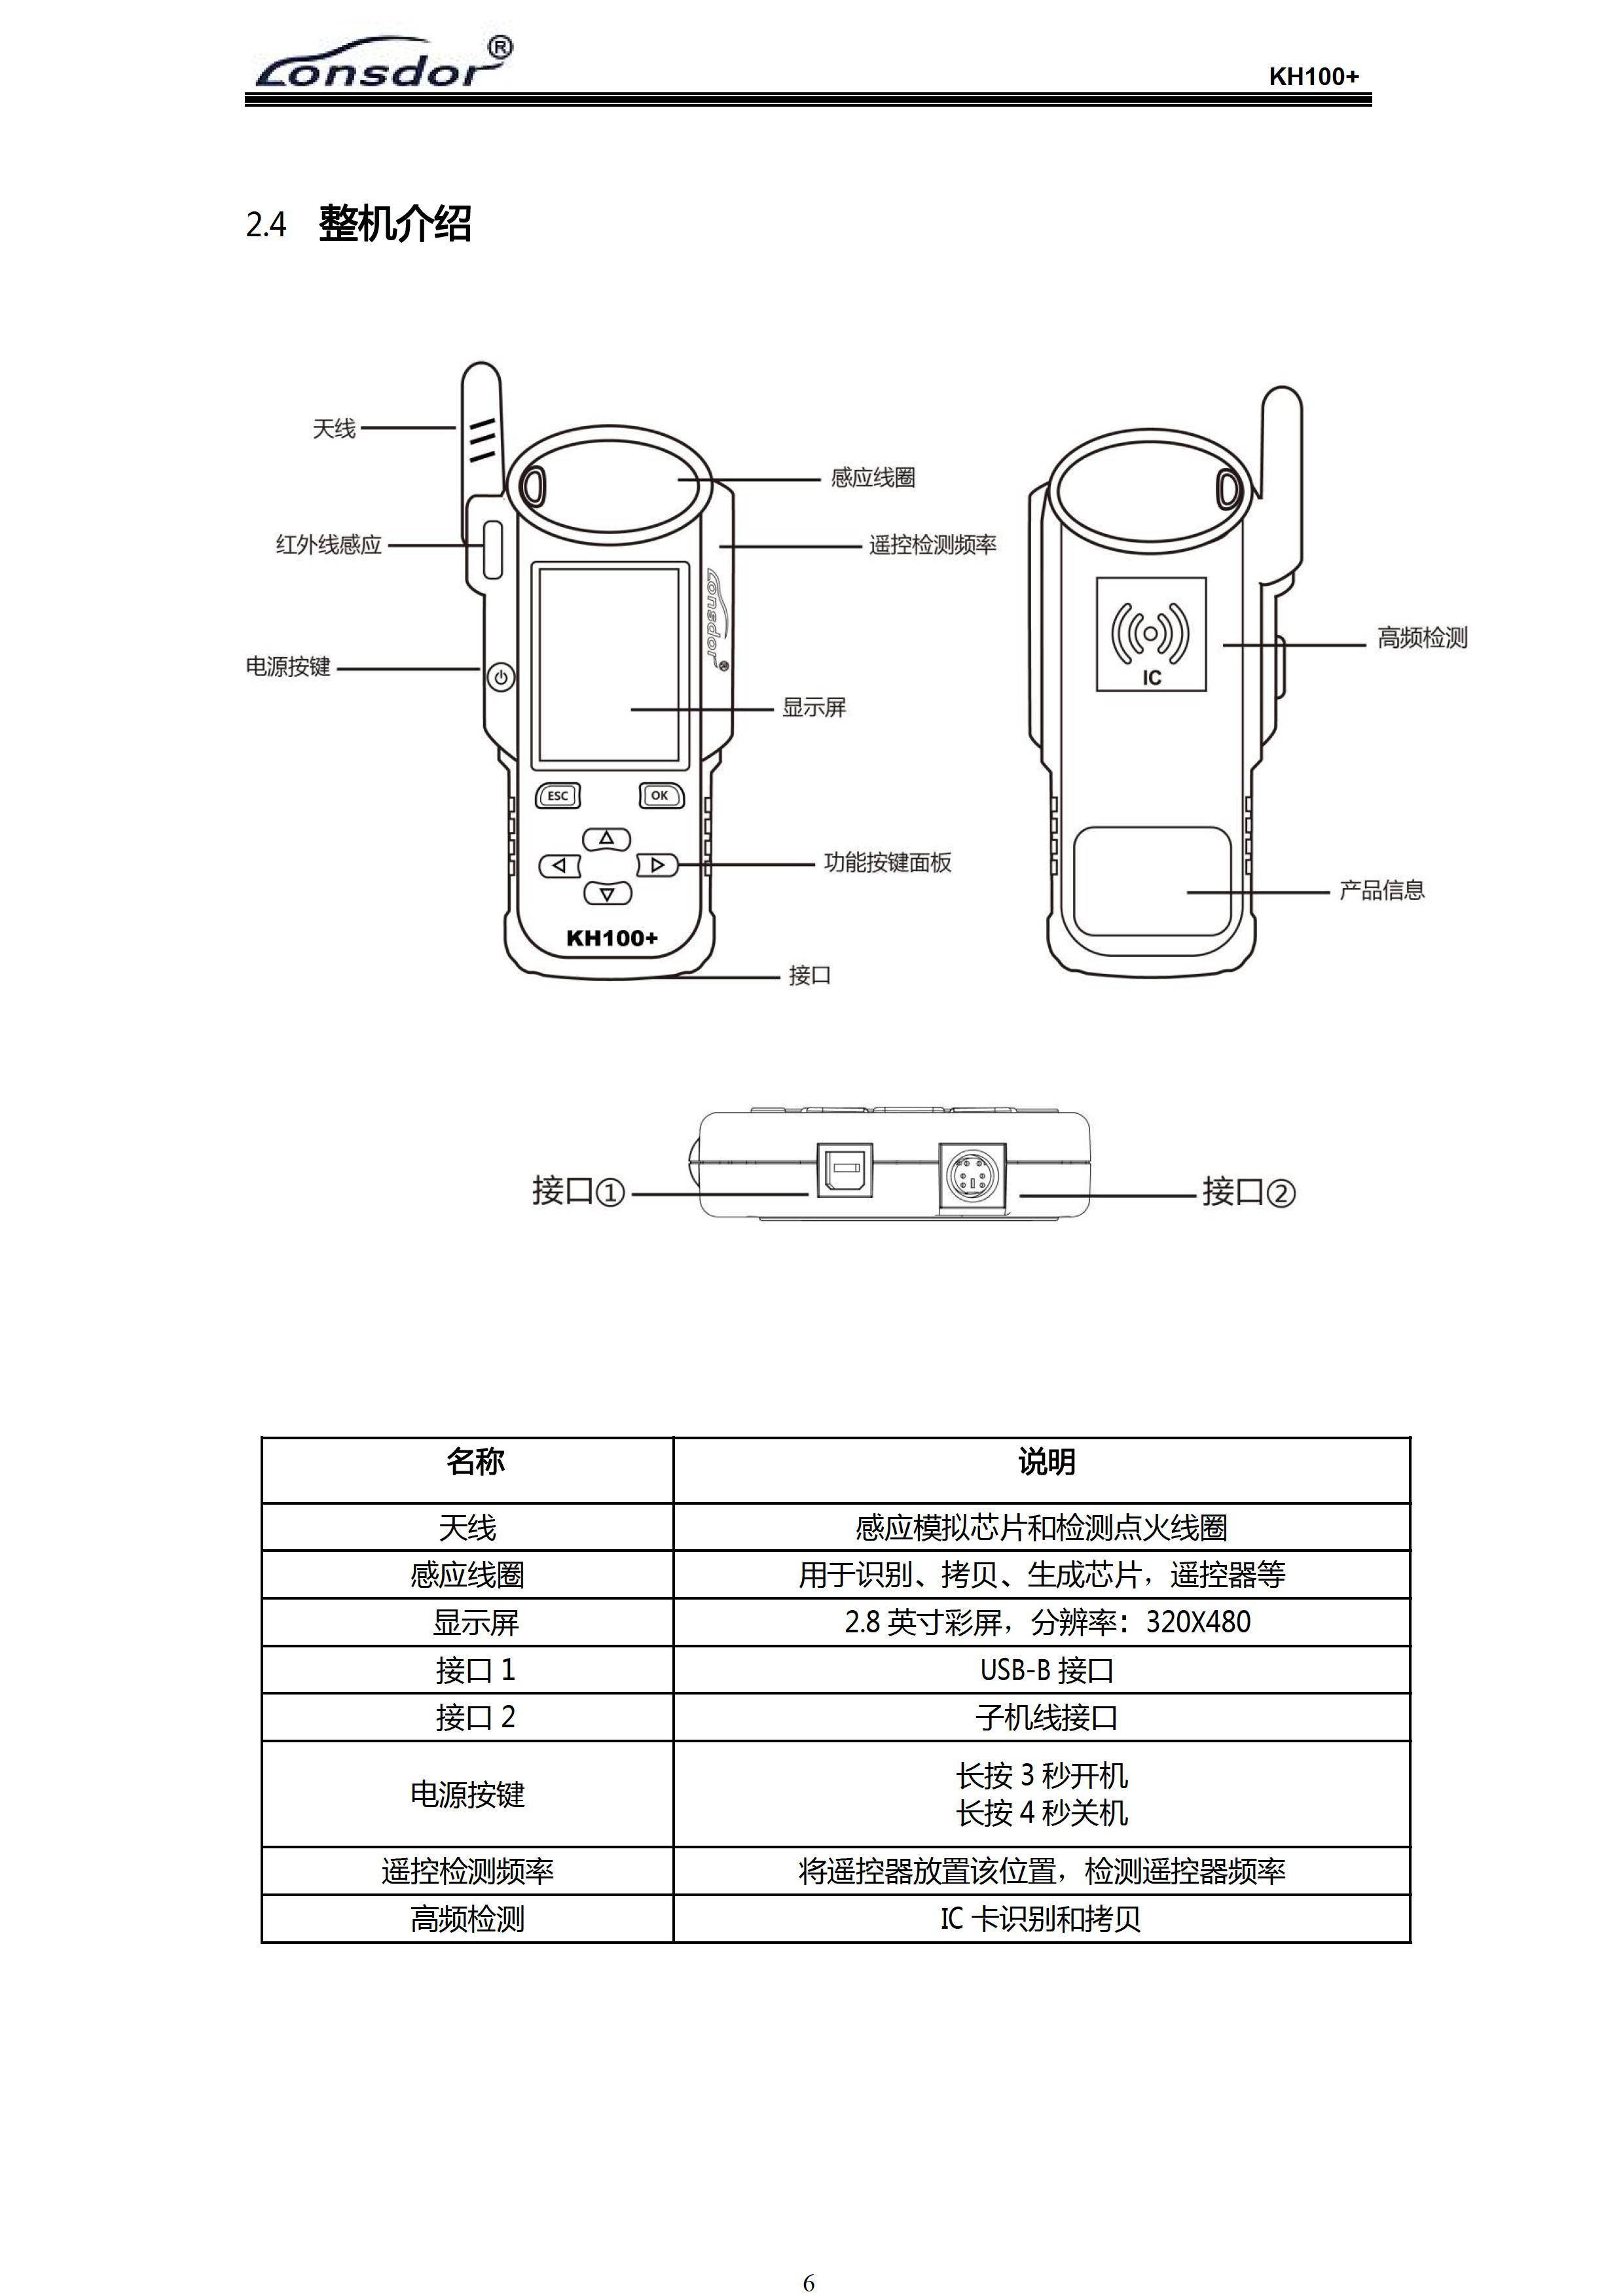 KH100说明书(110mmX75mm彩色印刷)正式版20200318 - 0007